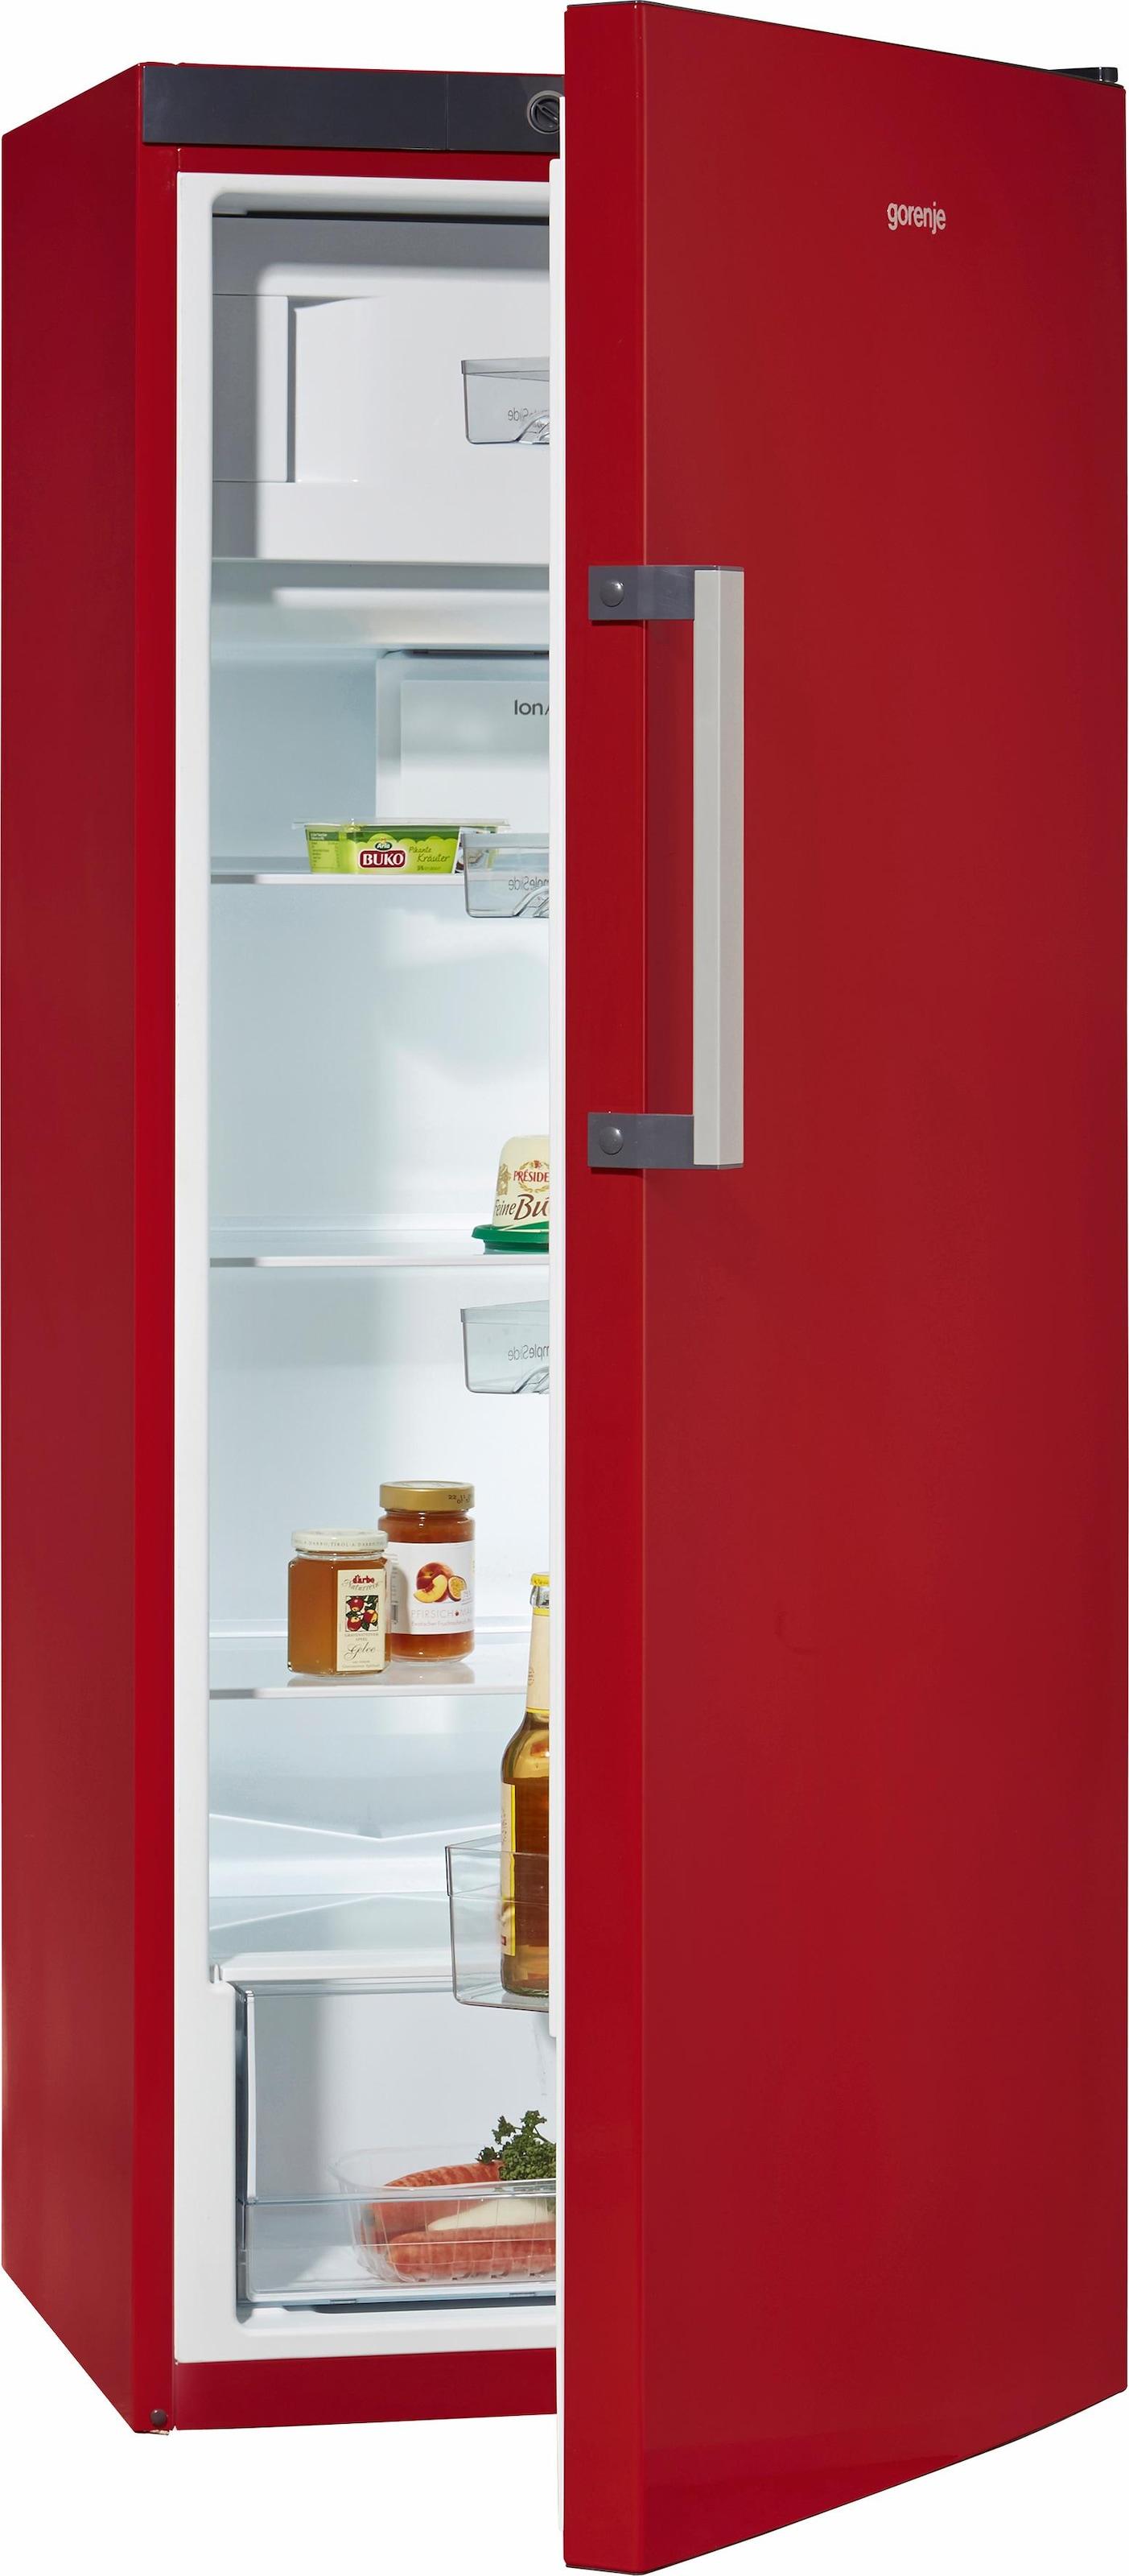 Gorenje Kühlschrank Crispzone : Karstadt fulda der volkswagen kühlschrank von gorenje facebook